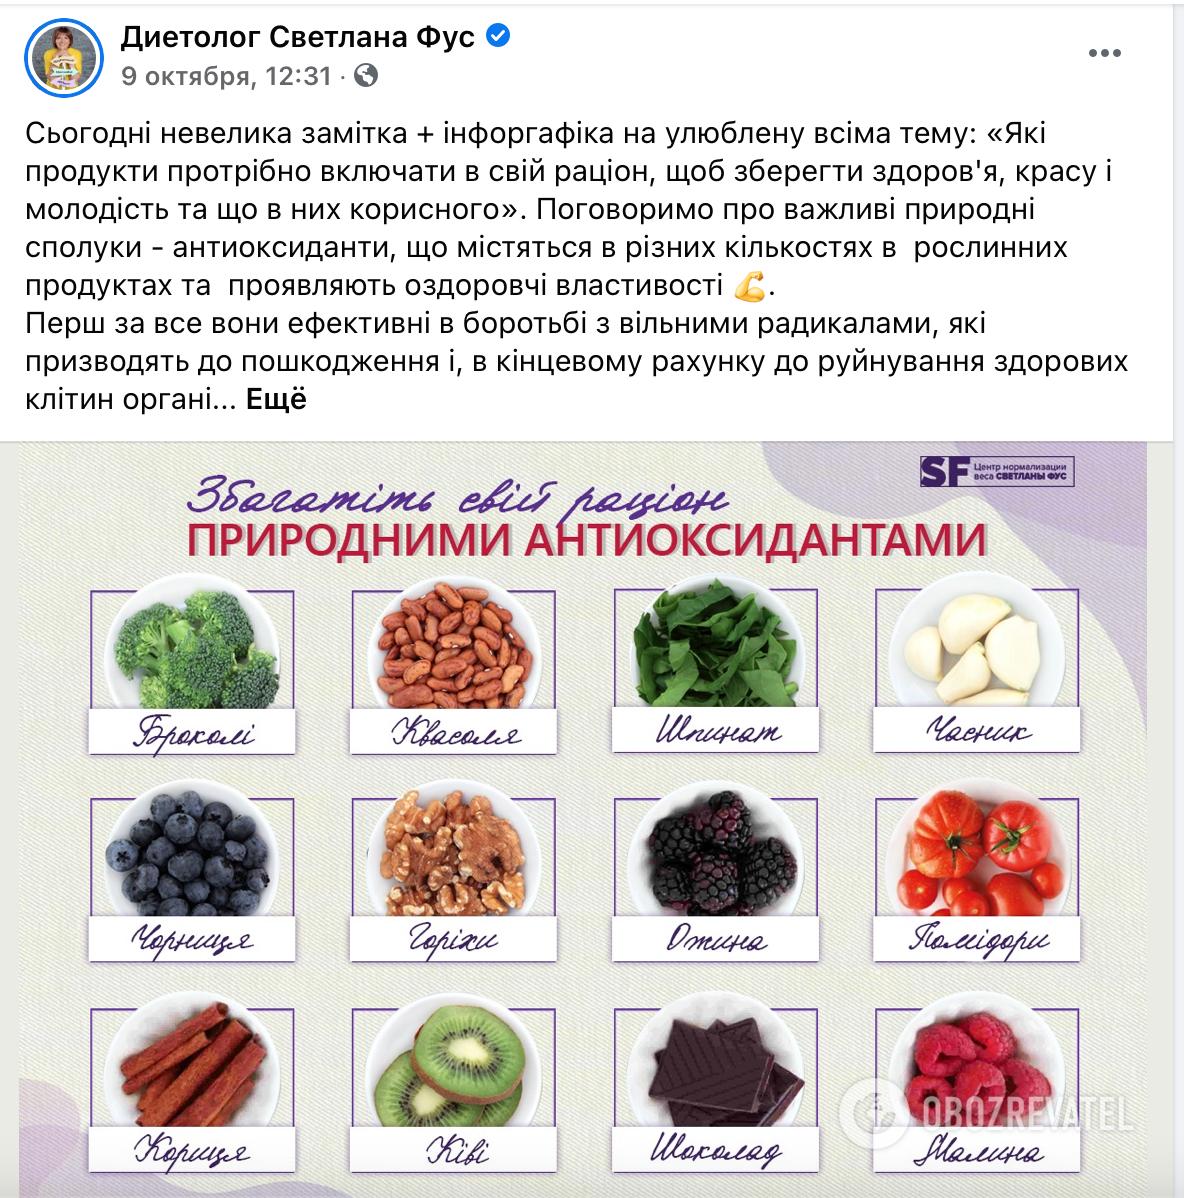 Перелік продуктів